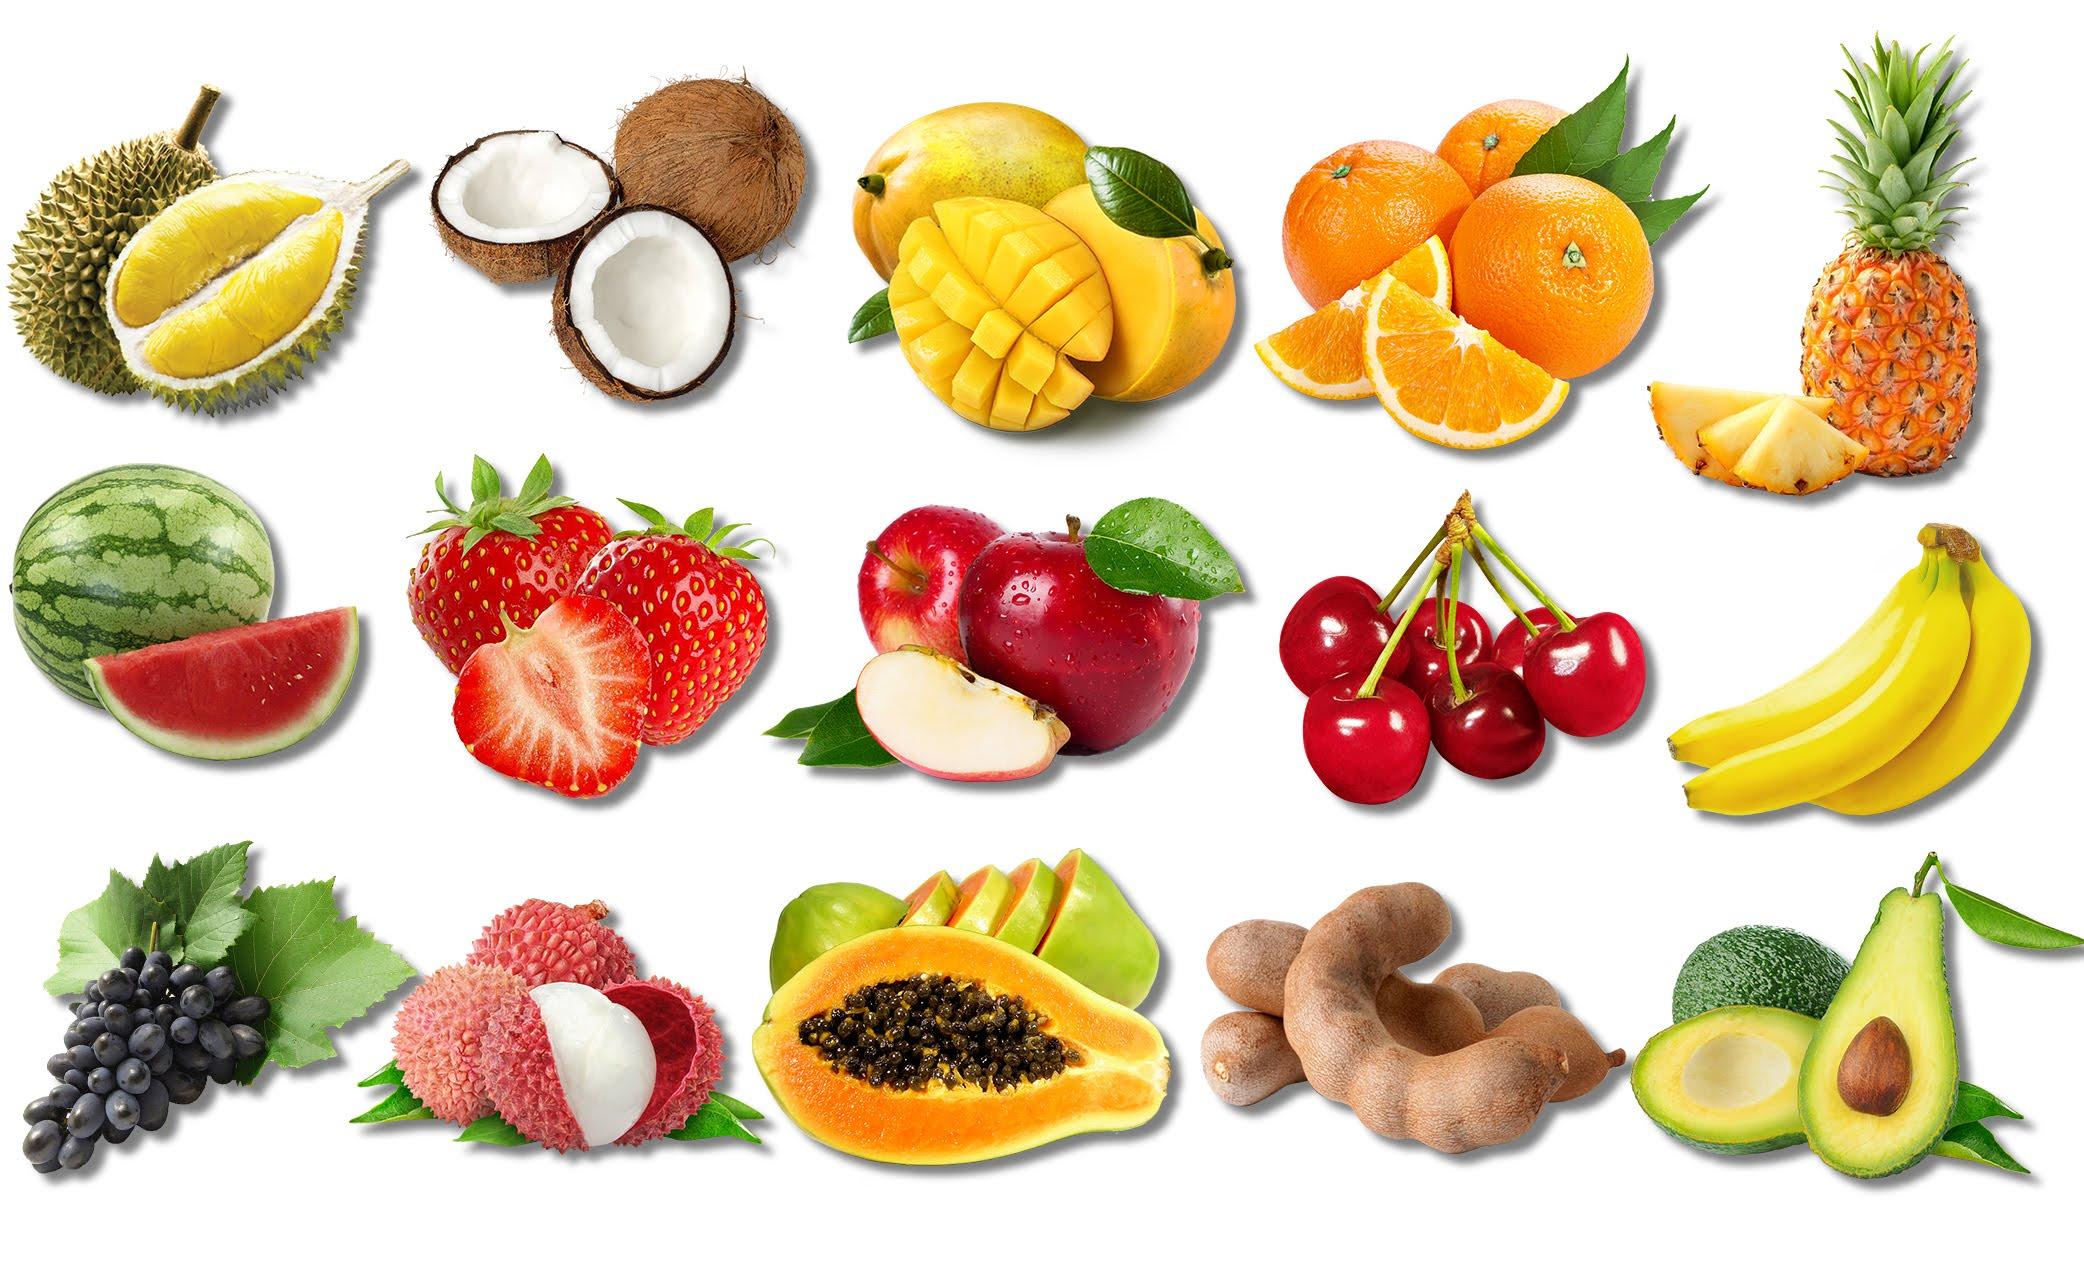 Những thực phẩm cần tránh sử dụng trong quá trình giảm béo của bạn.